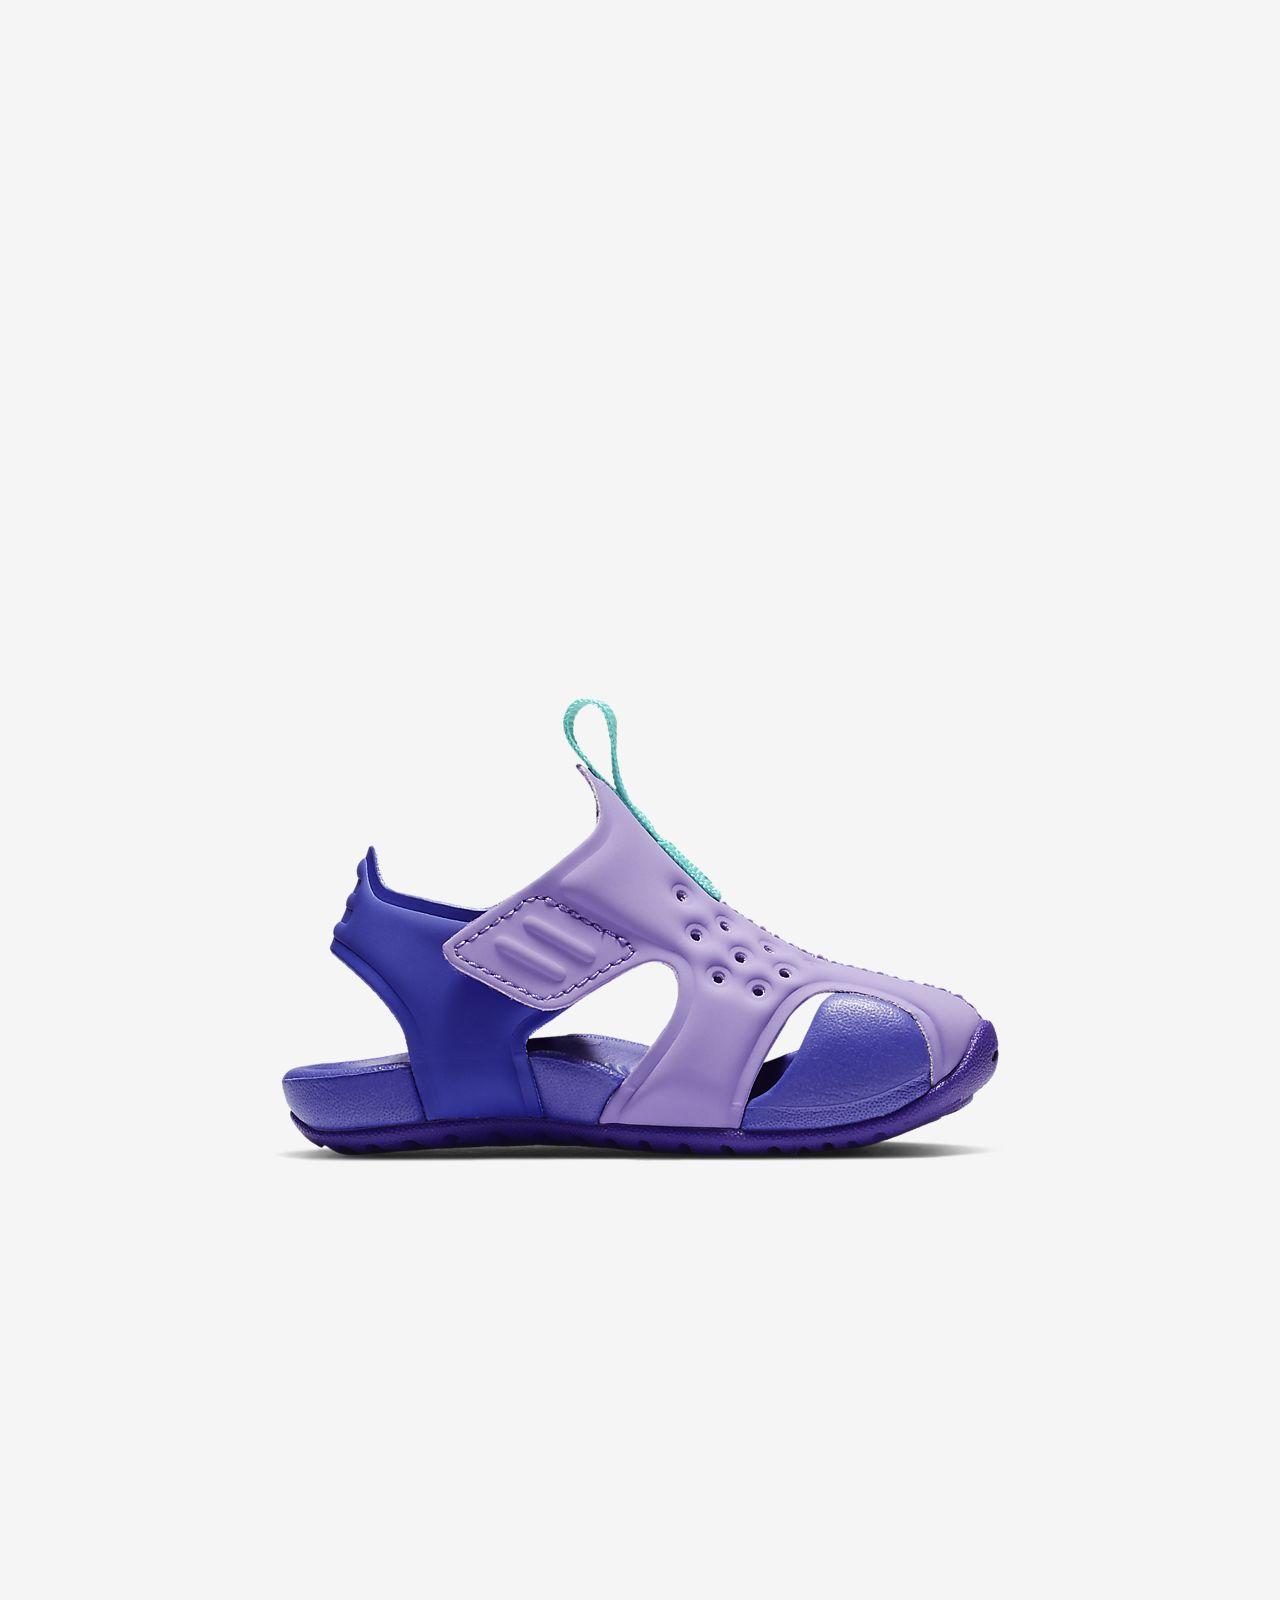 Protect Bébépetit Enfant Nike Sunray 2 Pour Sandale PXiOuTkZ